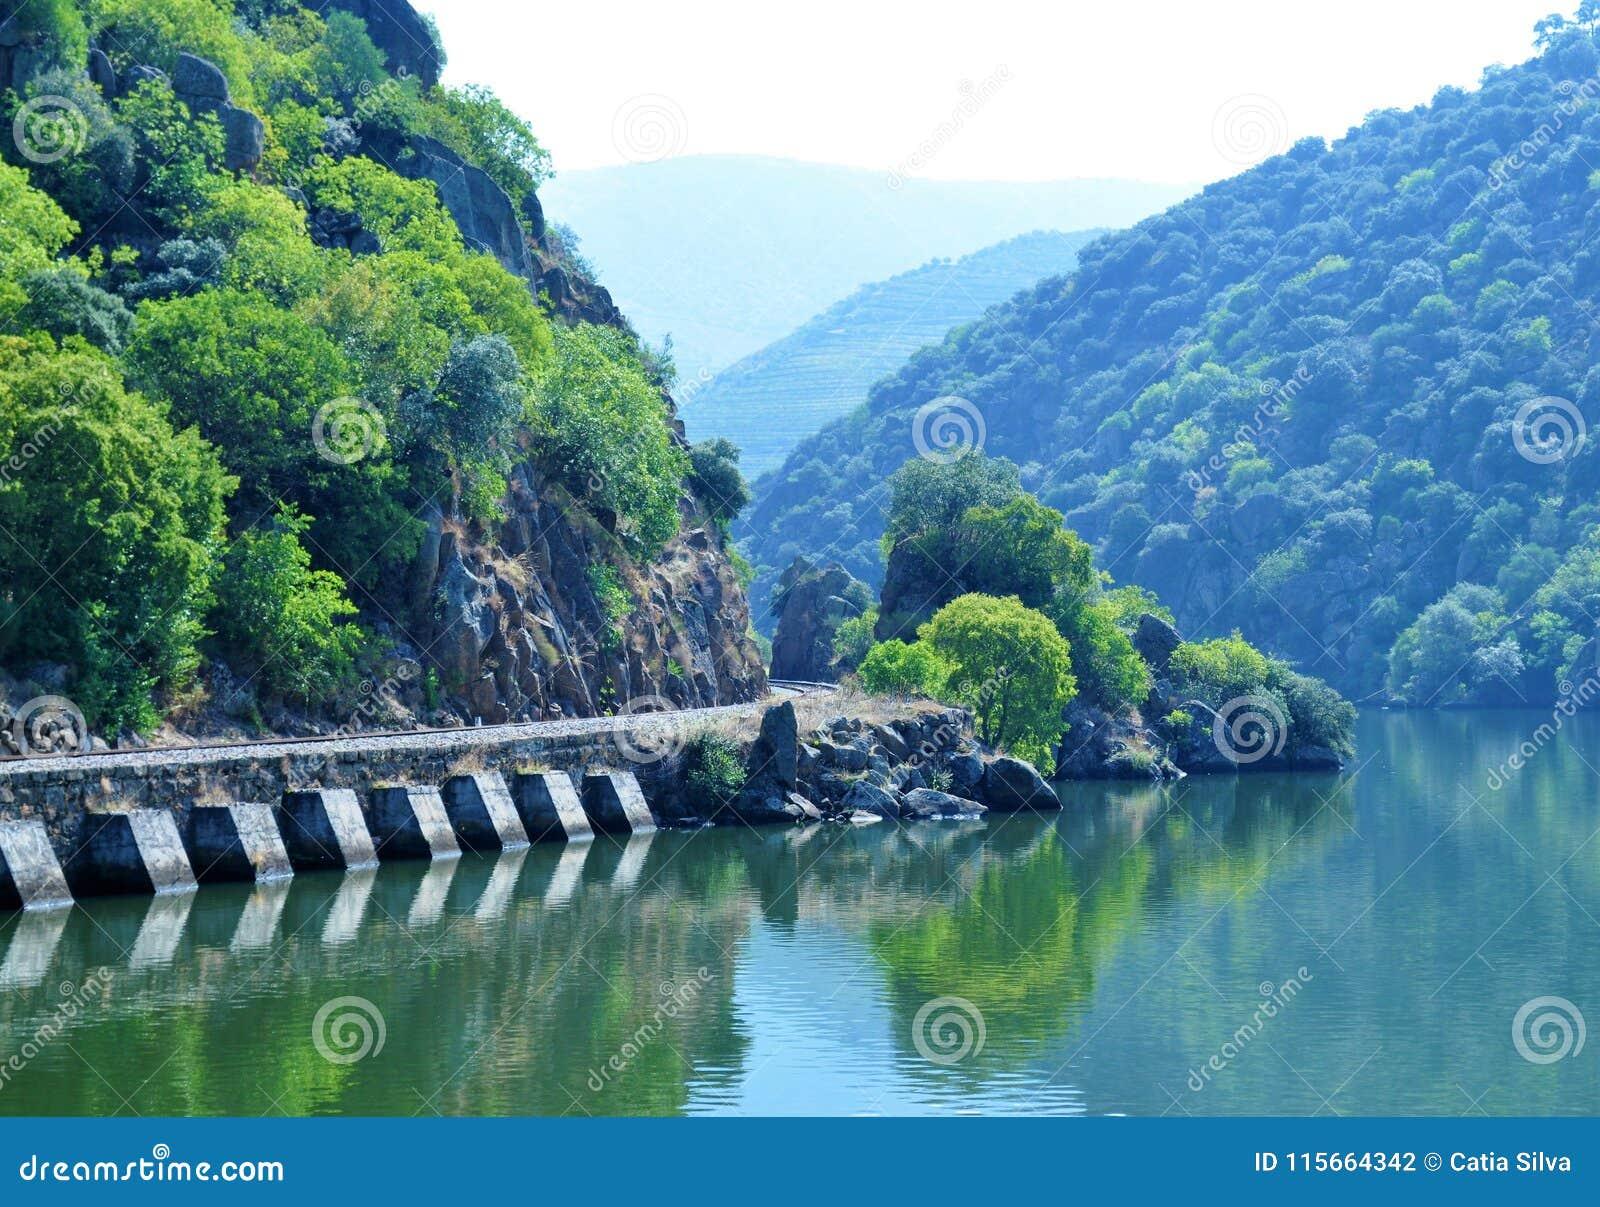 La rivière et le vieux train rayent - la rivière de Douro